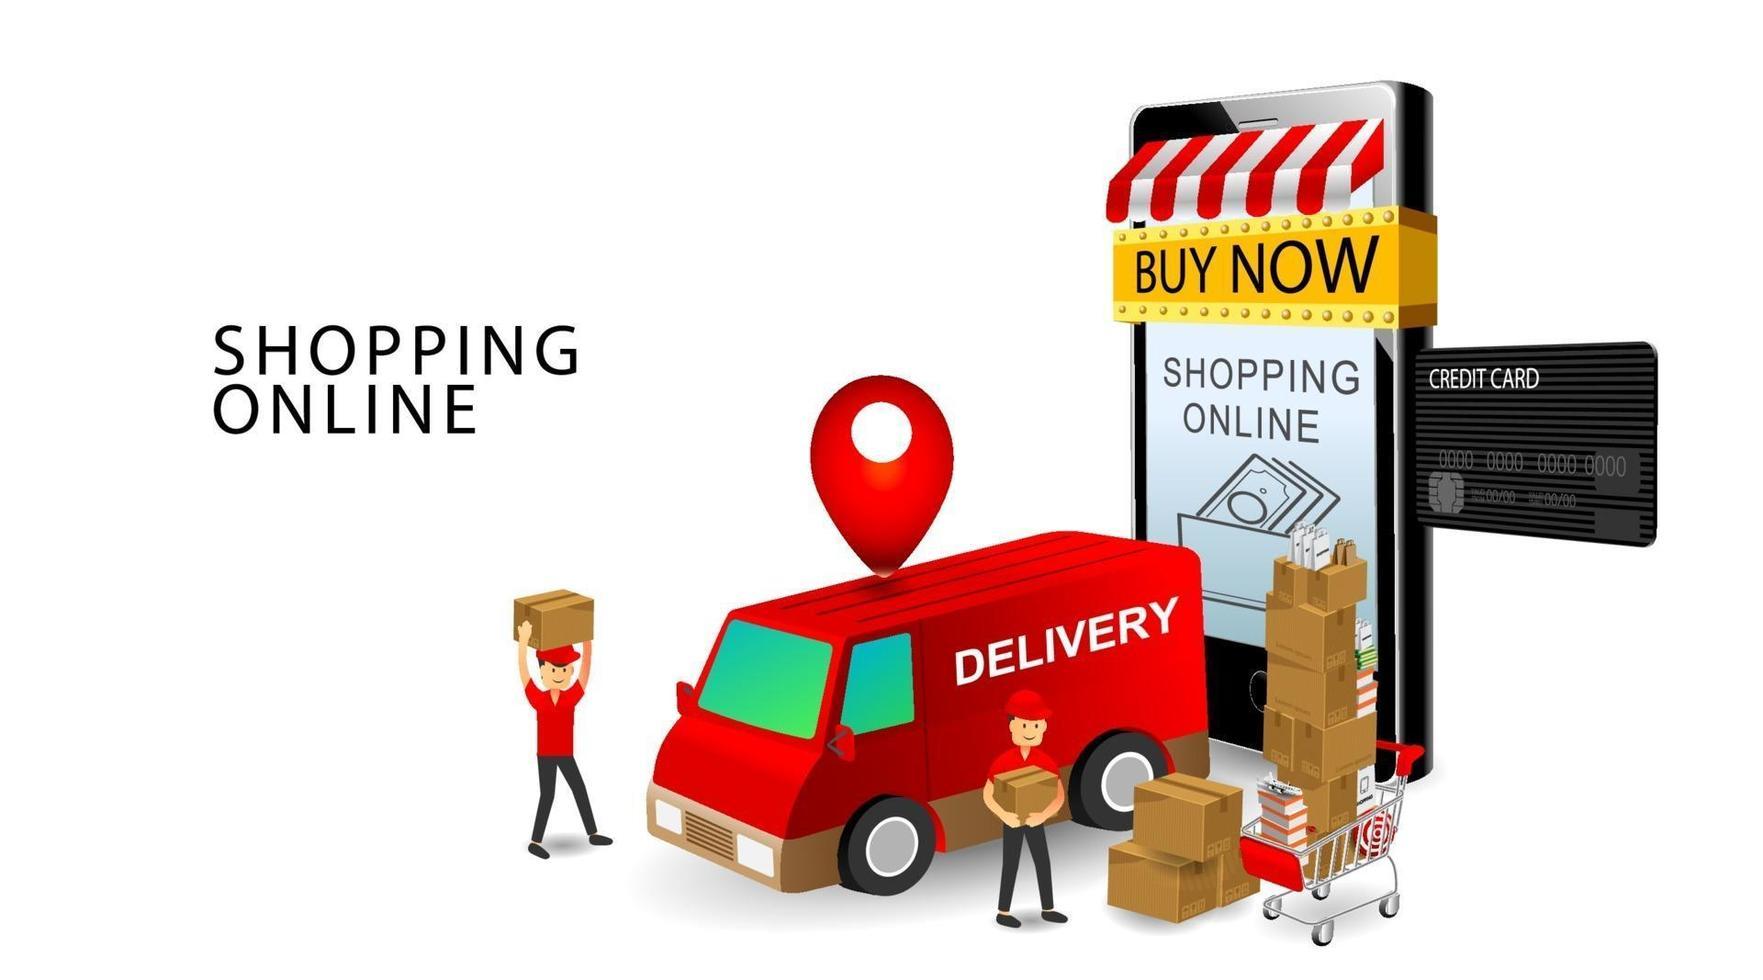 Concepto de compras en línea, trabajadores de entrega del equipo de servicios, teléfonos inteligentes y tarjetas de crédito, productos en el carro con fondo blanco aislado vector